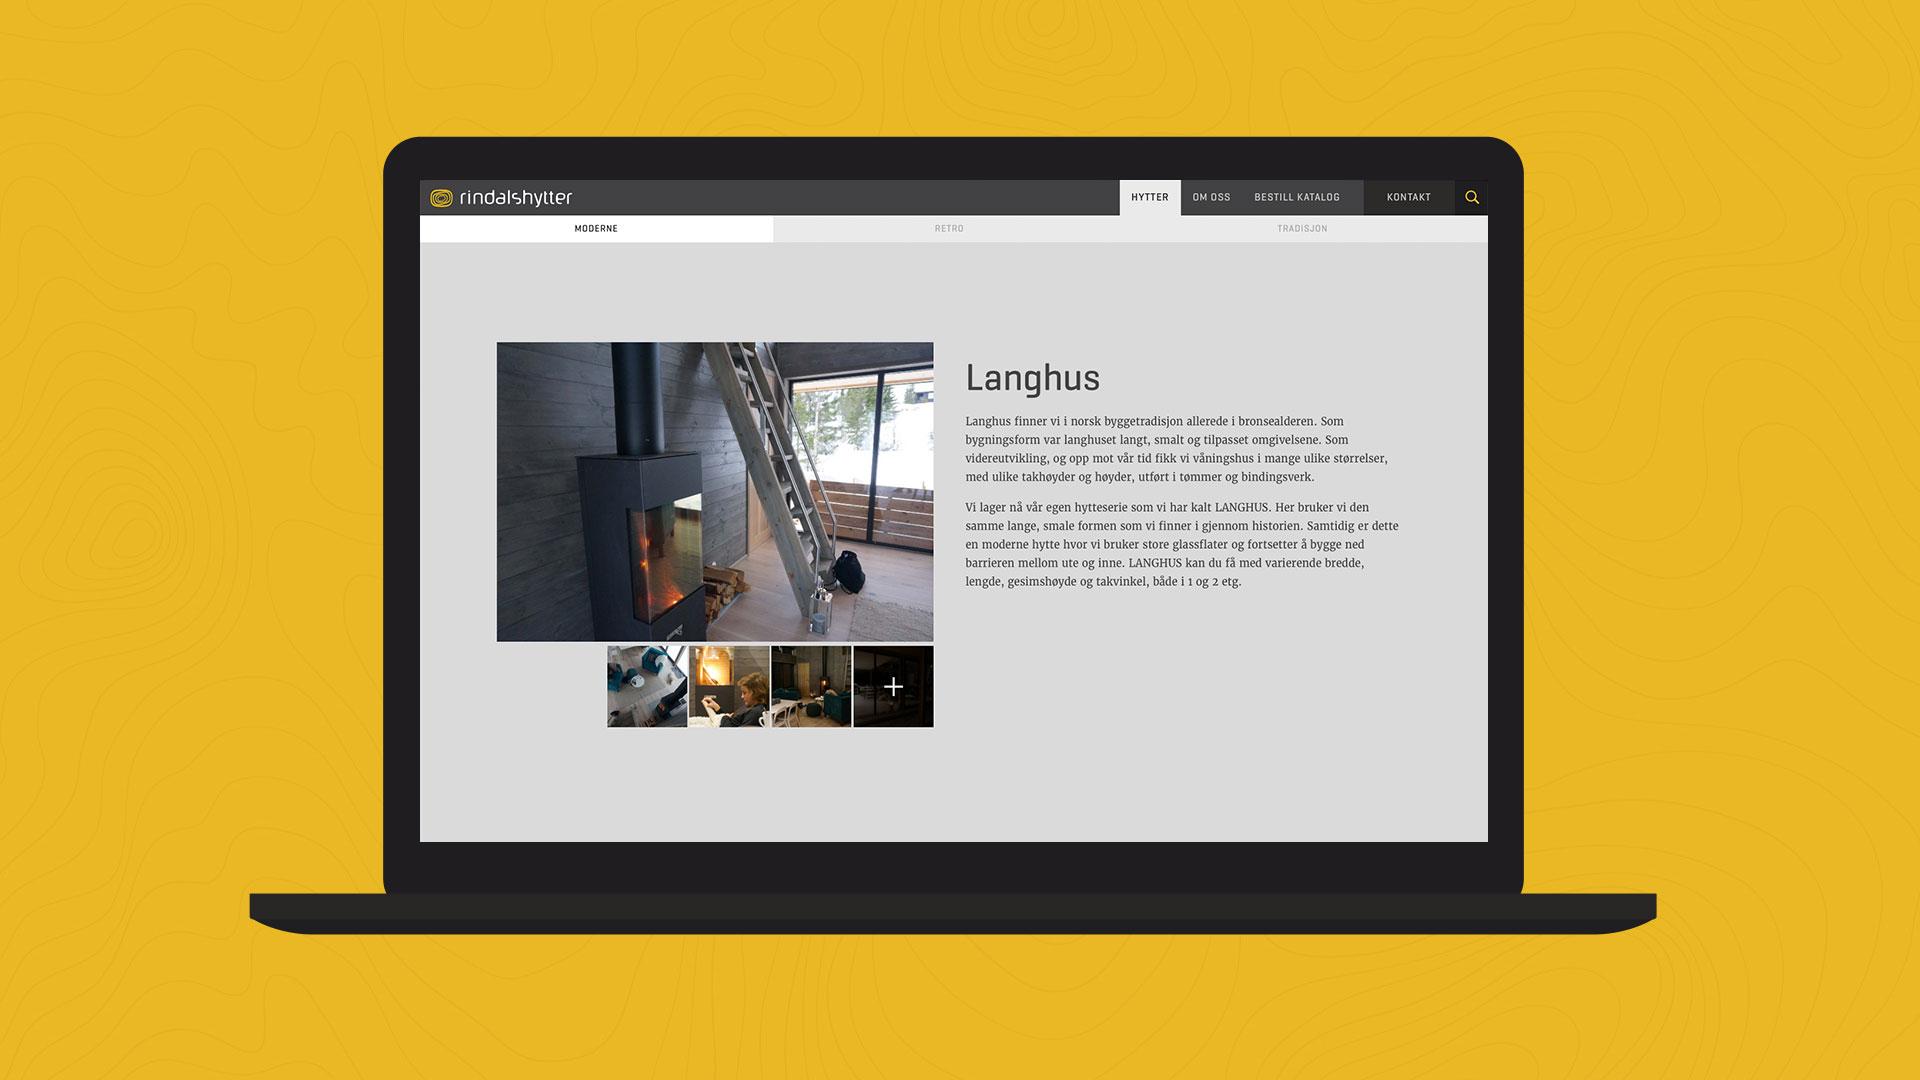 Rindalshytter-mockup-desktop-5.jpg